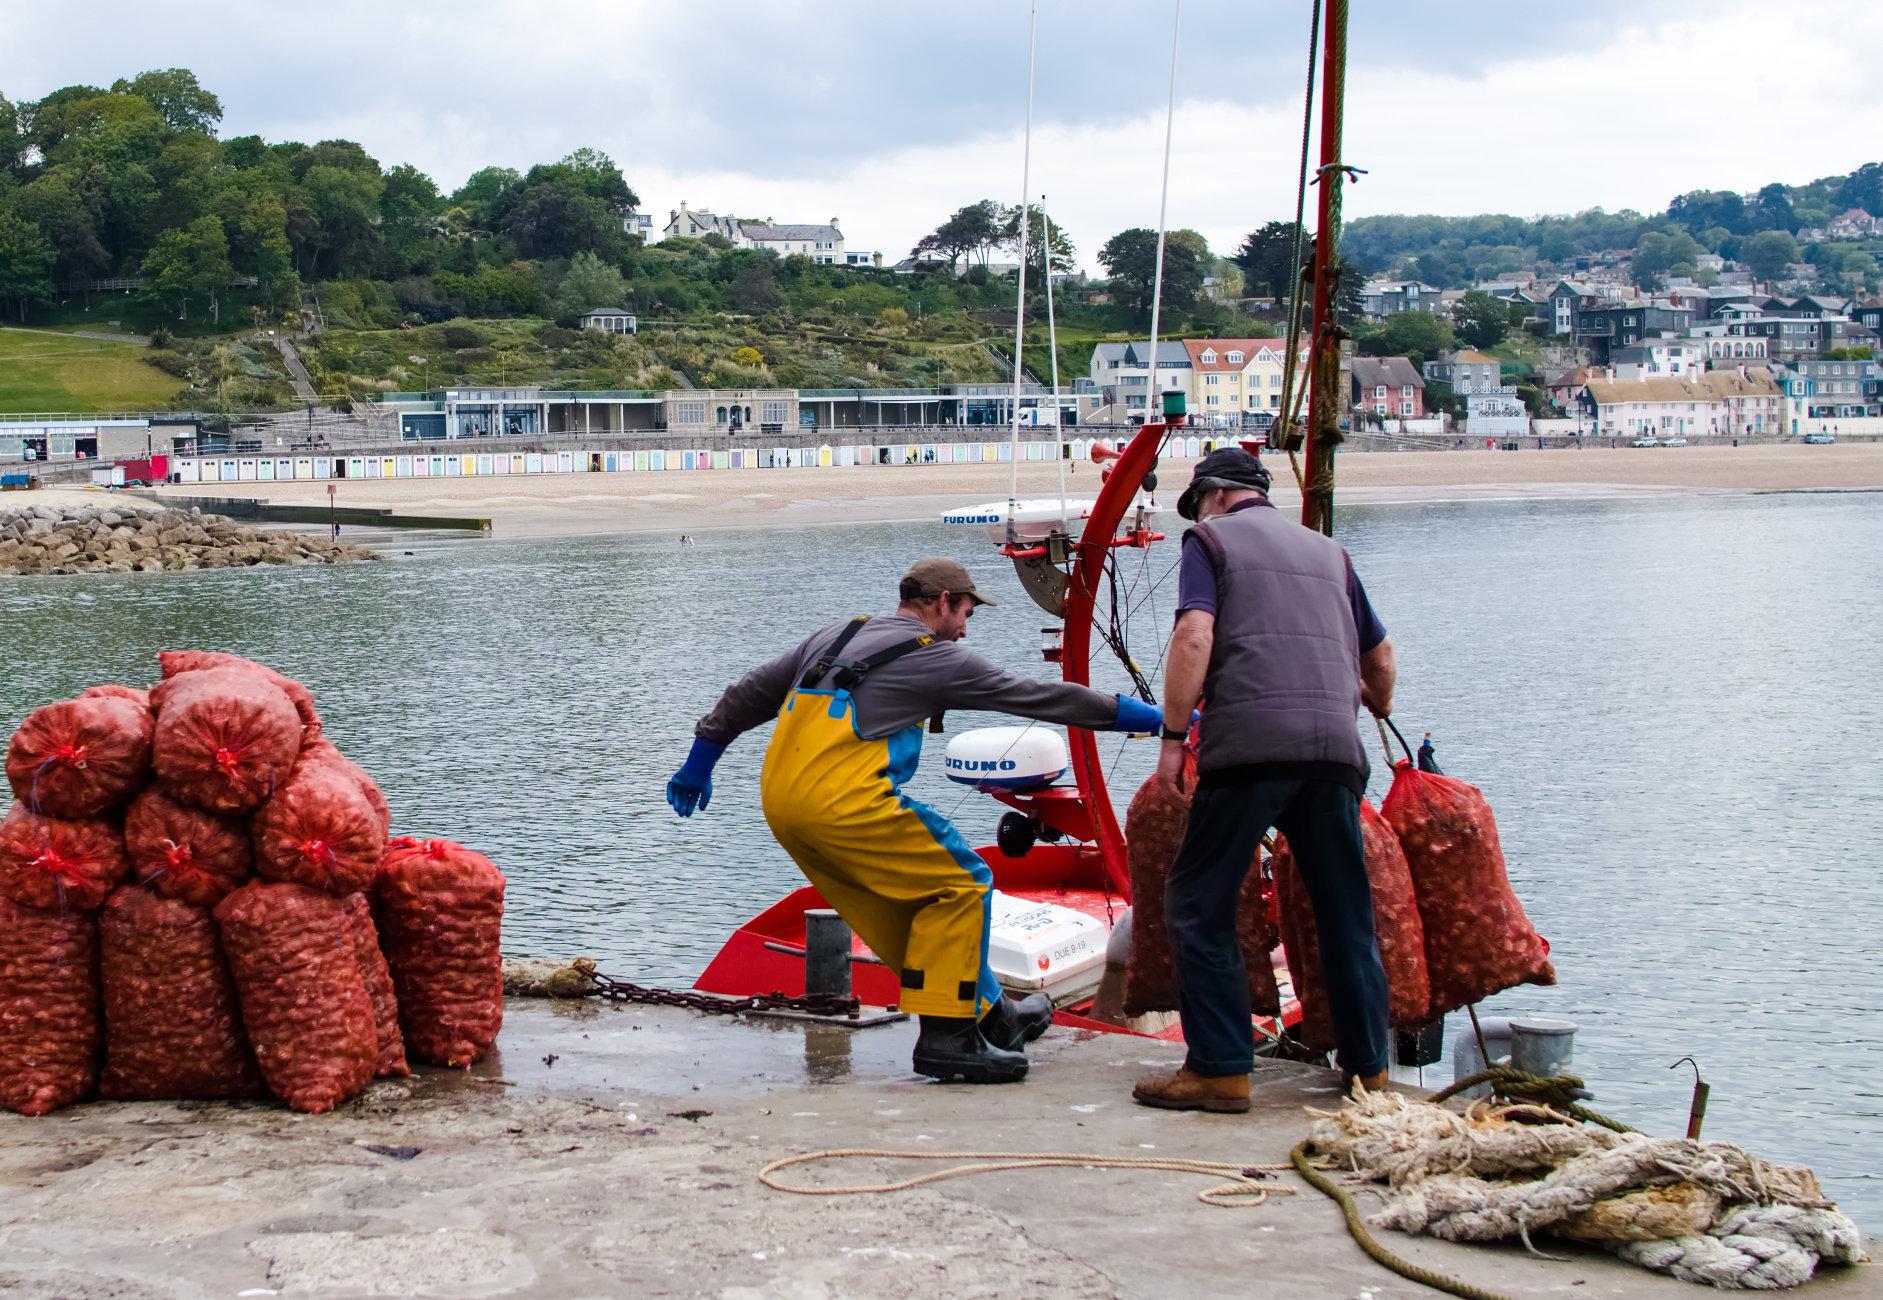 Unloading Whelks, Lyme Regis Harbour